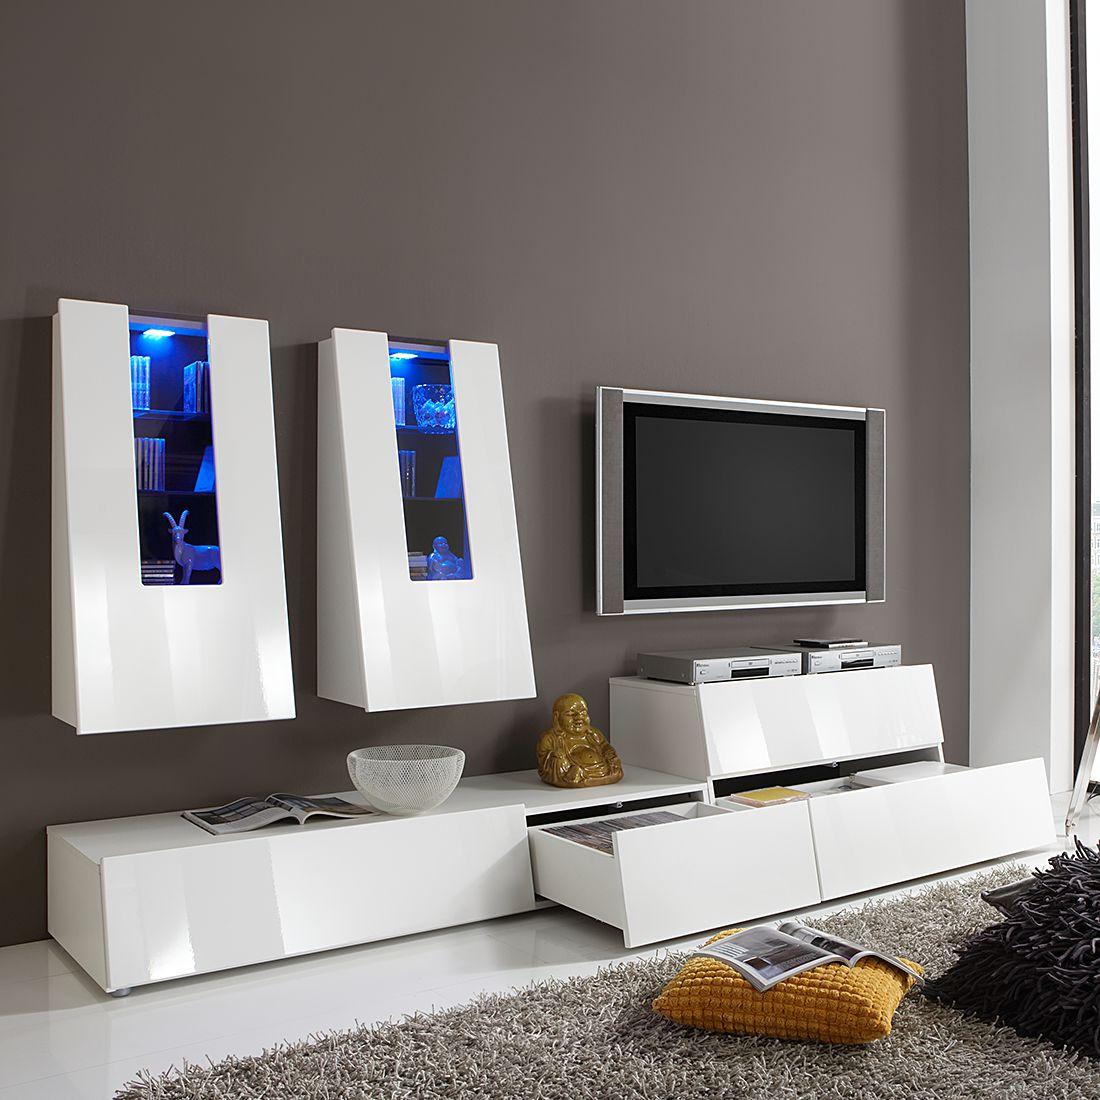 wohnwand gravity von bellinzona mit beleuchtung nur 899. Black Bedroom Furniture Sets. Home Design Ideas